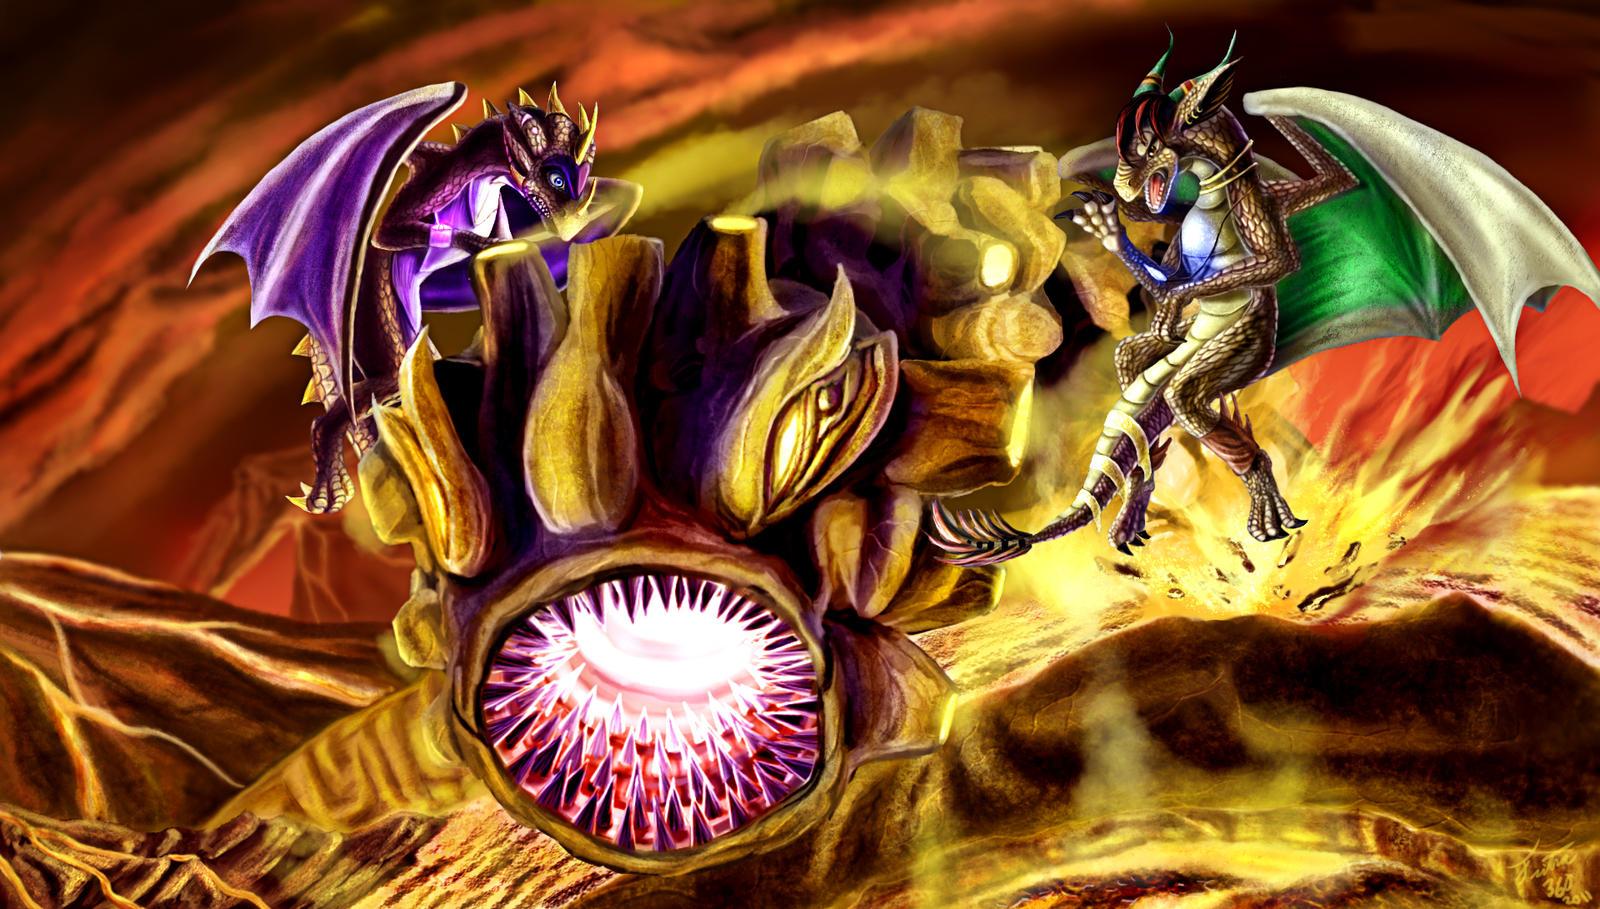 Lava Worm by Tsitra360